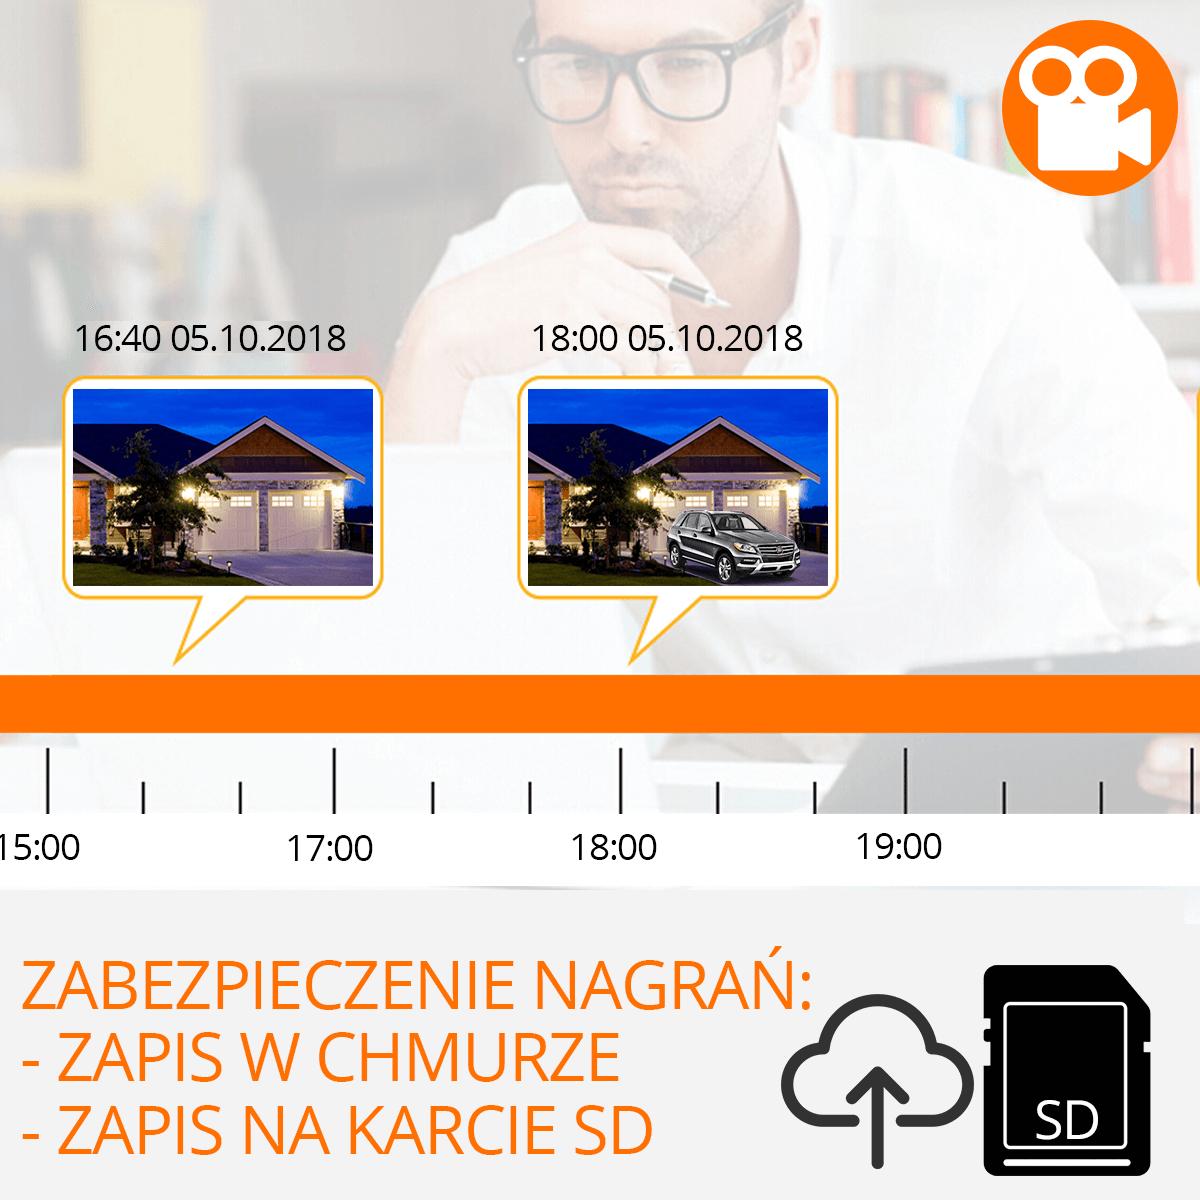 zapis w chmurze karta sd orllo.pl